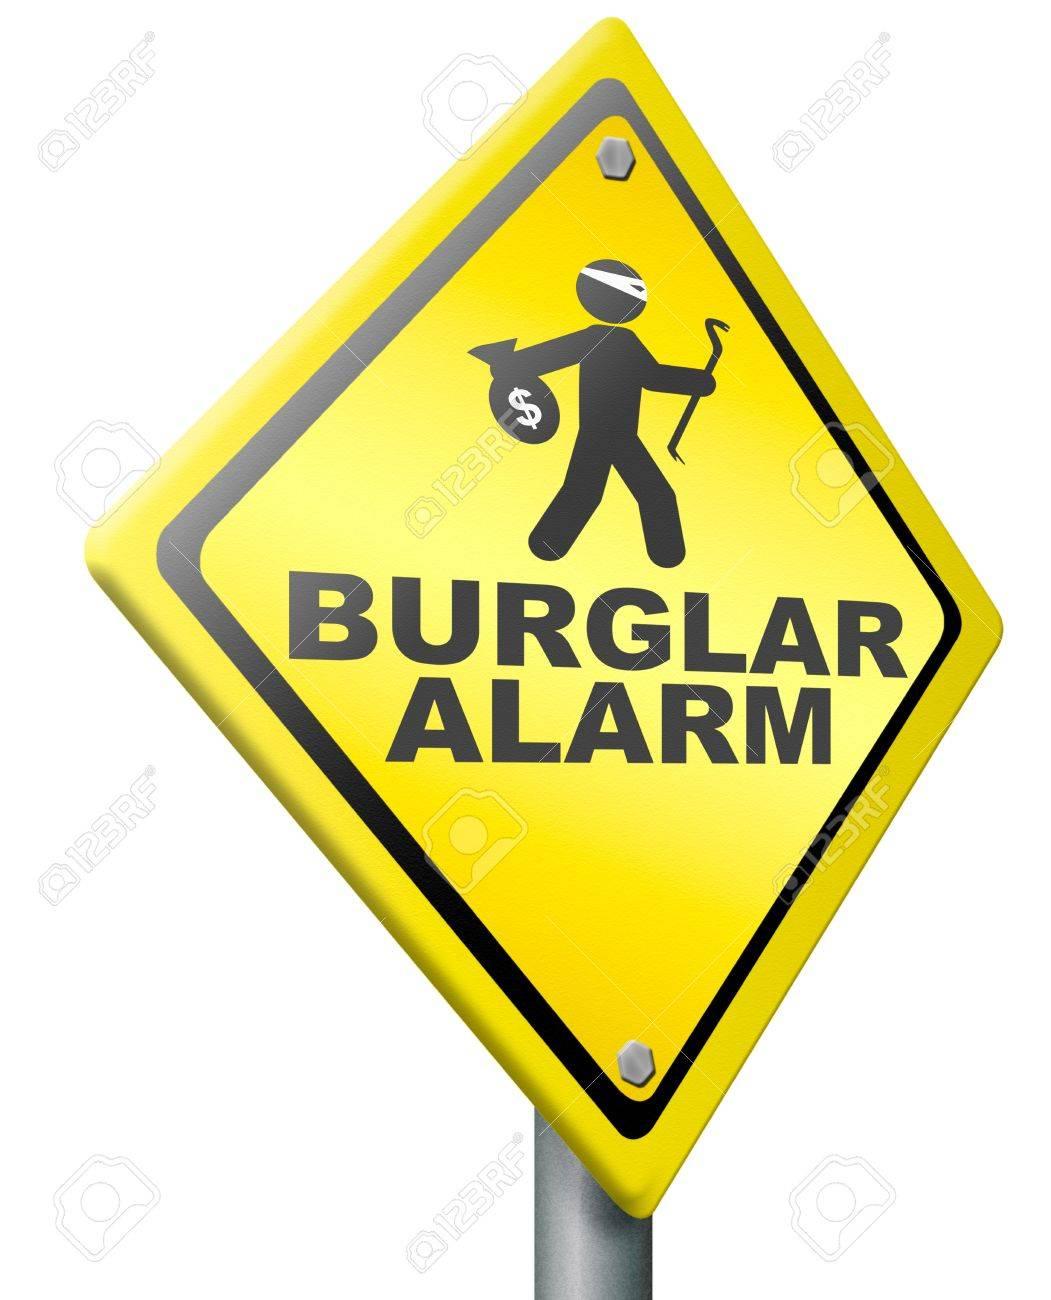 Télésurveillance & Vidéosurveillance à Entraigues-sur-la-Sorgue ▷ Tarif & Devis : Alarme, Protection Intrusion & Cambriolage